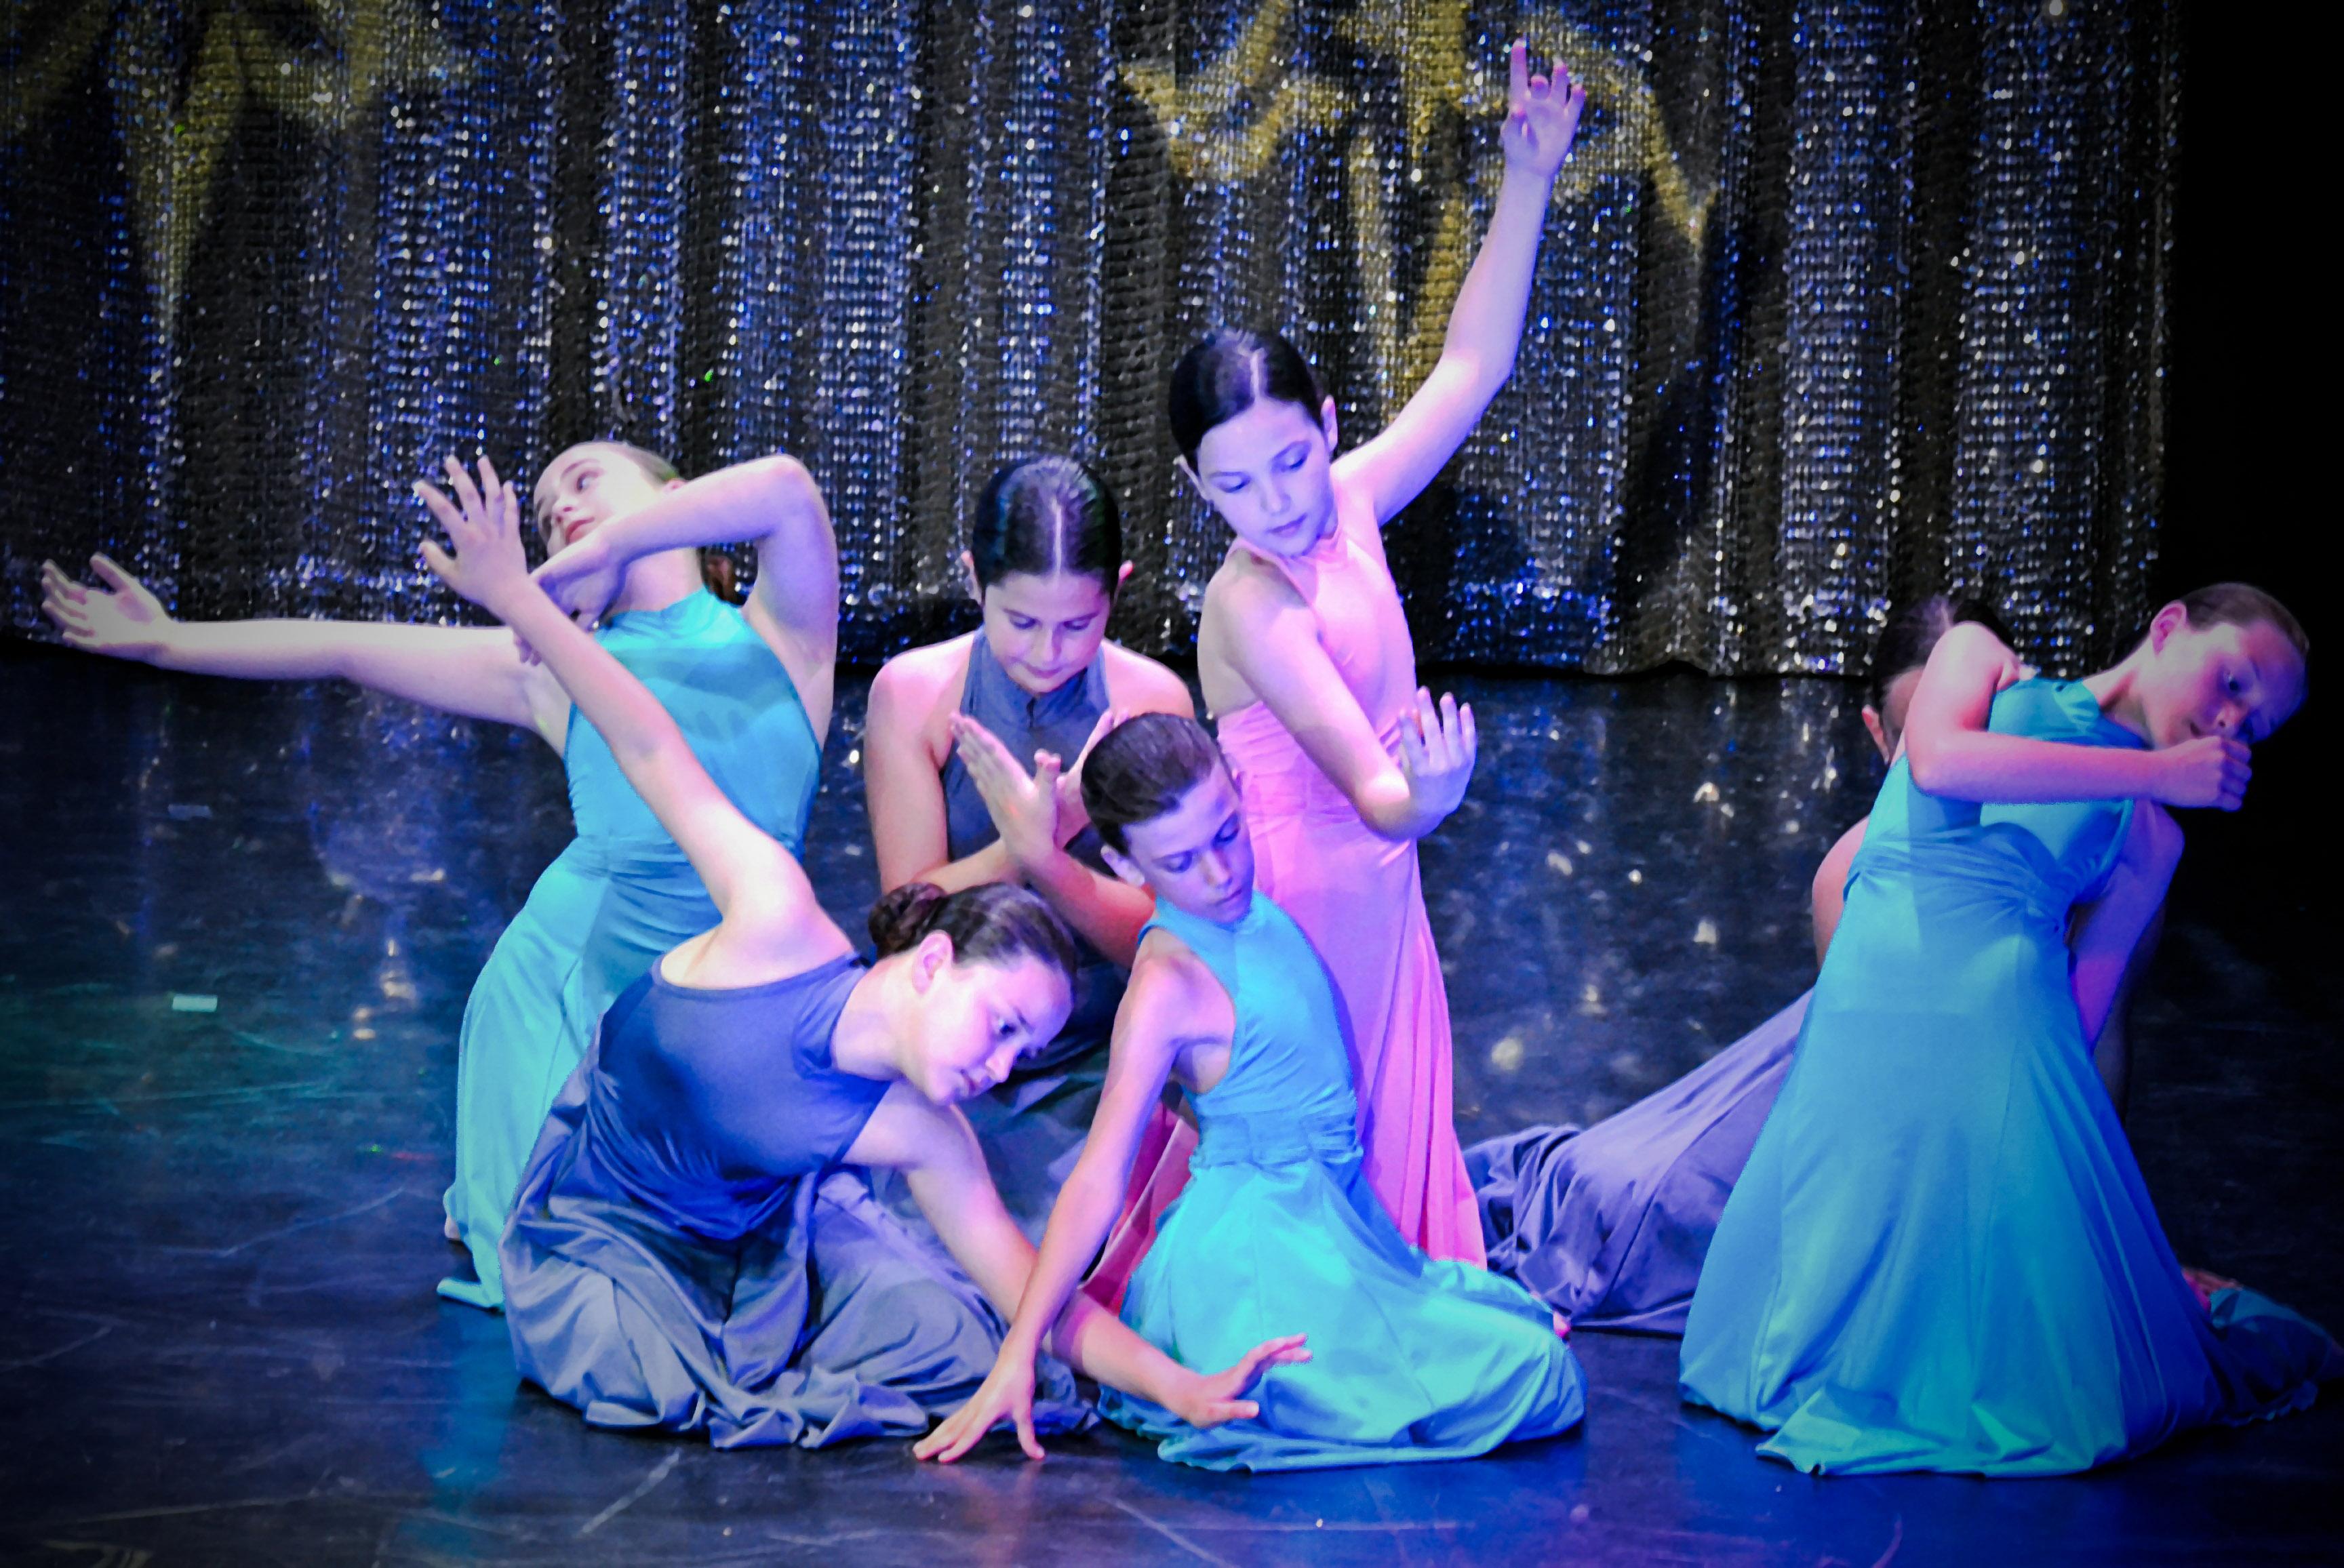 Linea-de-Baile-festival-verano-2015-clases-de-baile-valencia-171